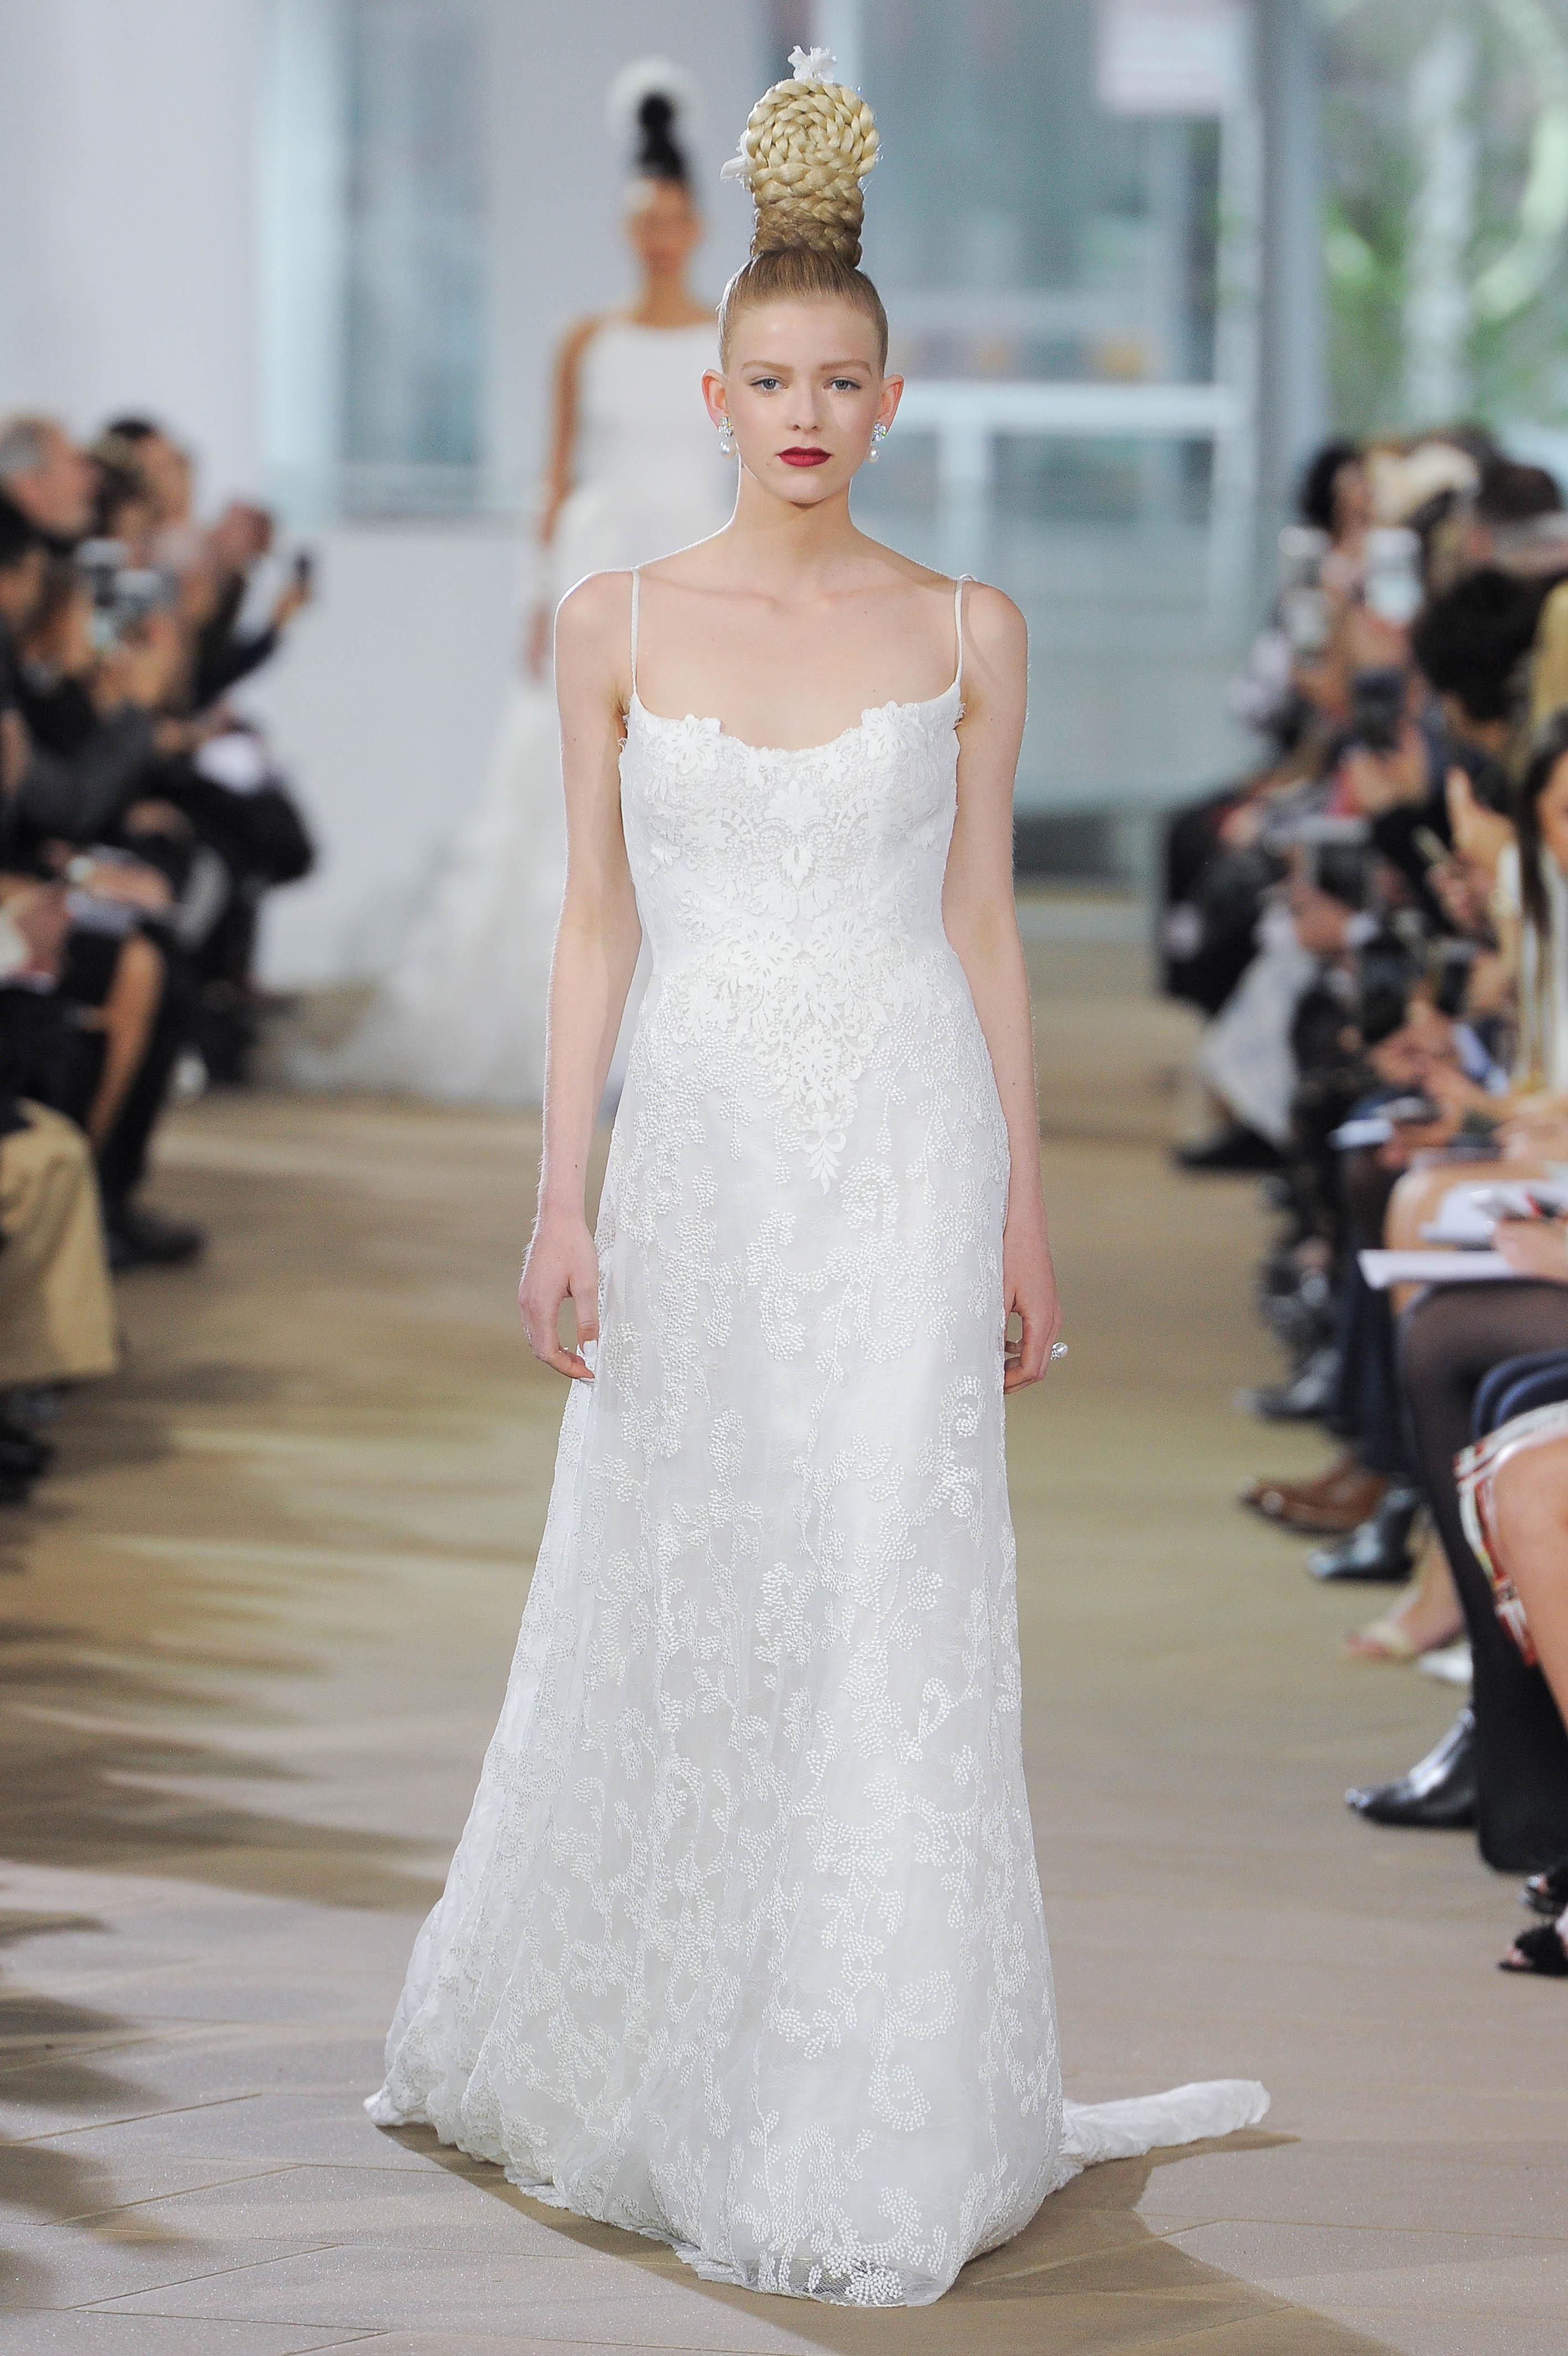 ec754a396d83 INES DI SANTO SPRING 2018 BRIDAL RUNWAY SHOW | The Coordinated Bride